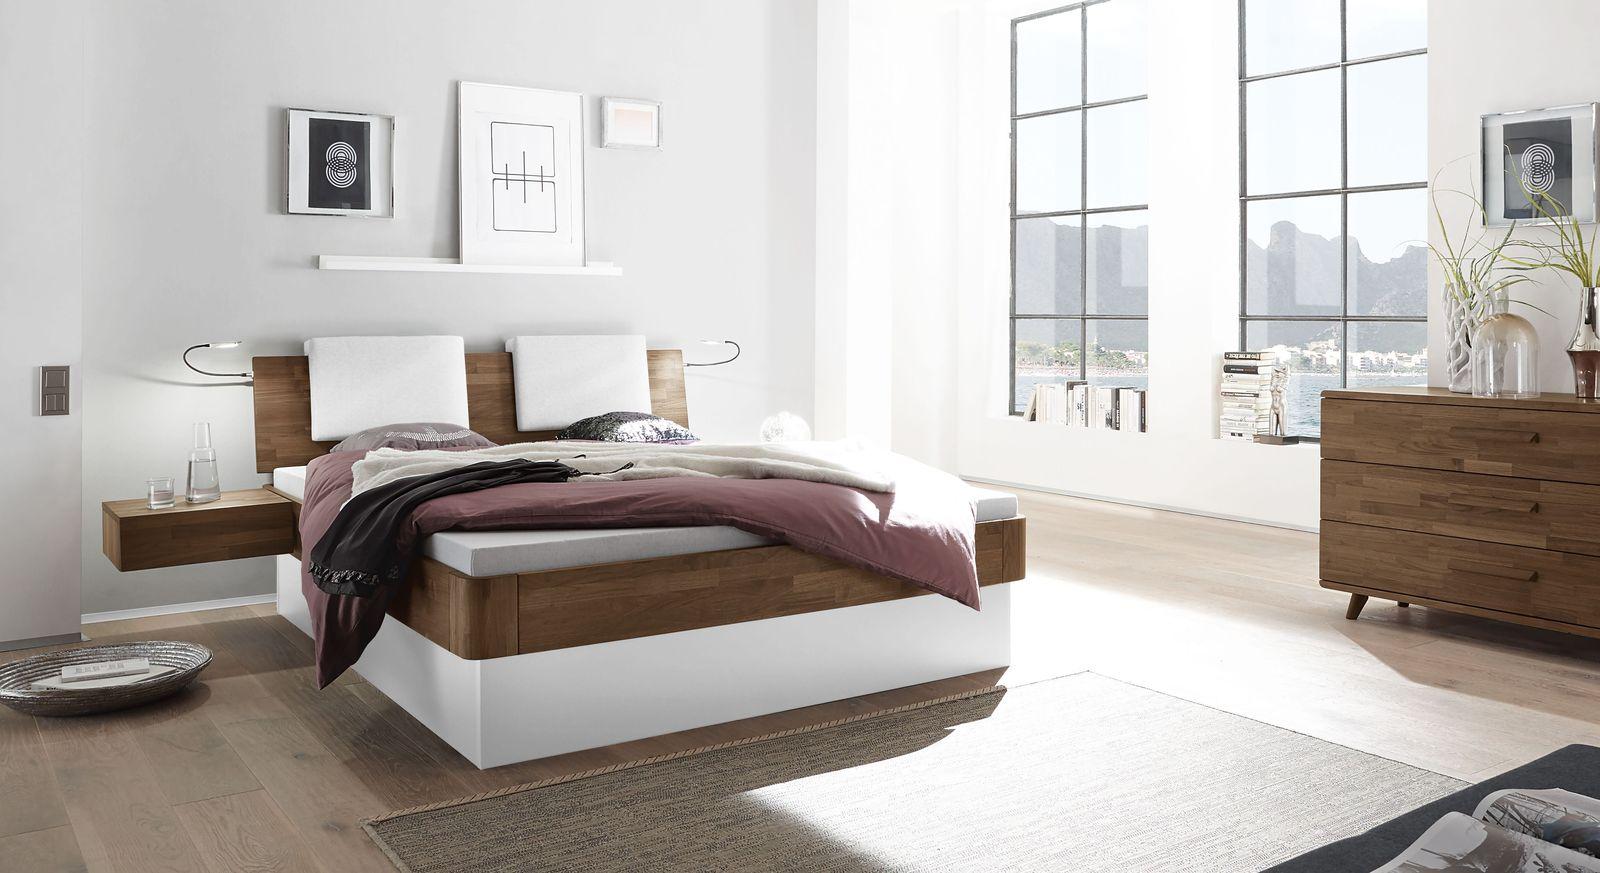 Bett Tartu mit passenden Schlafzimmermöbeln